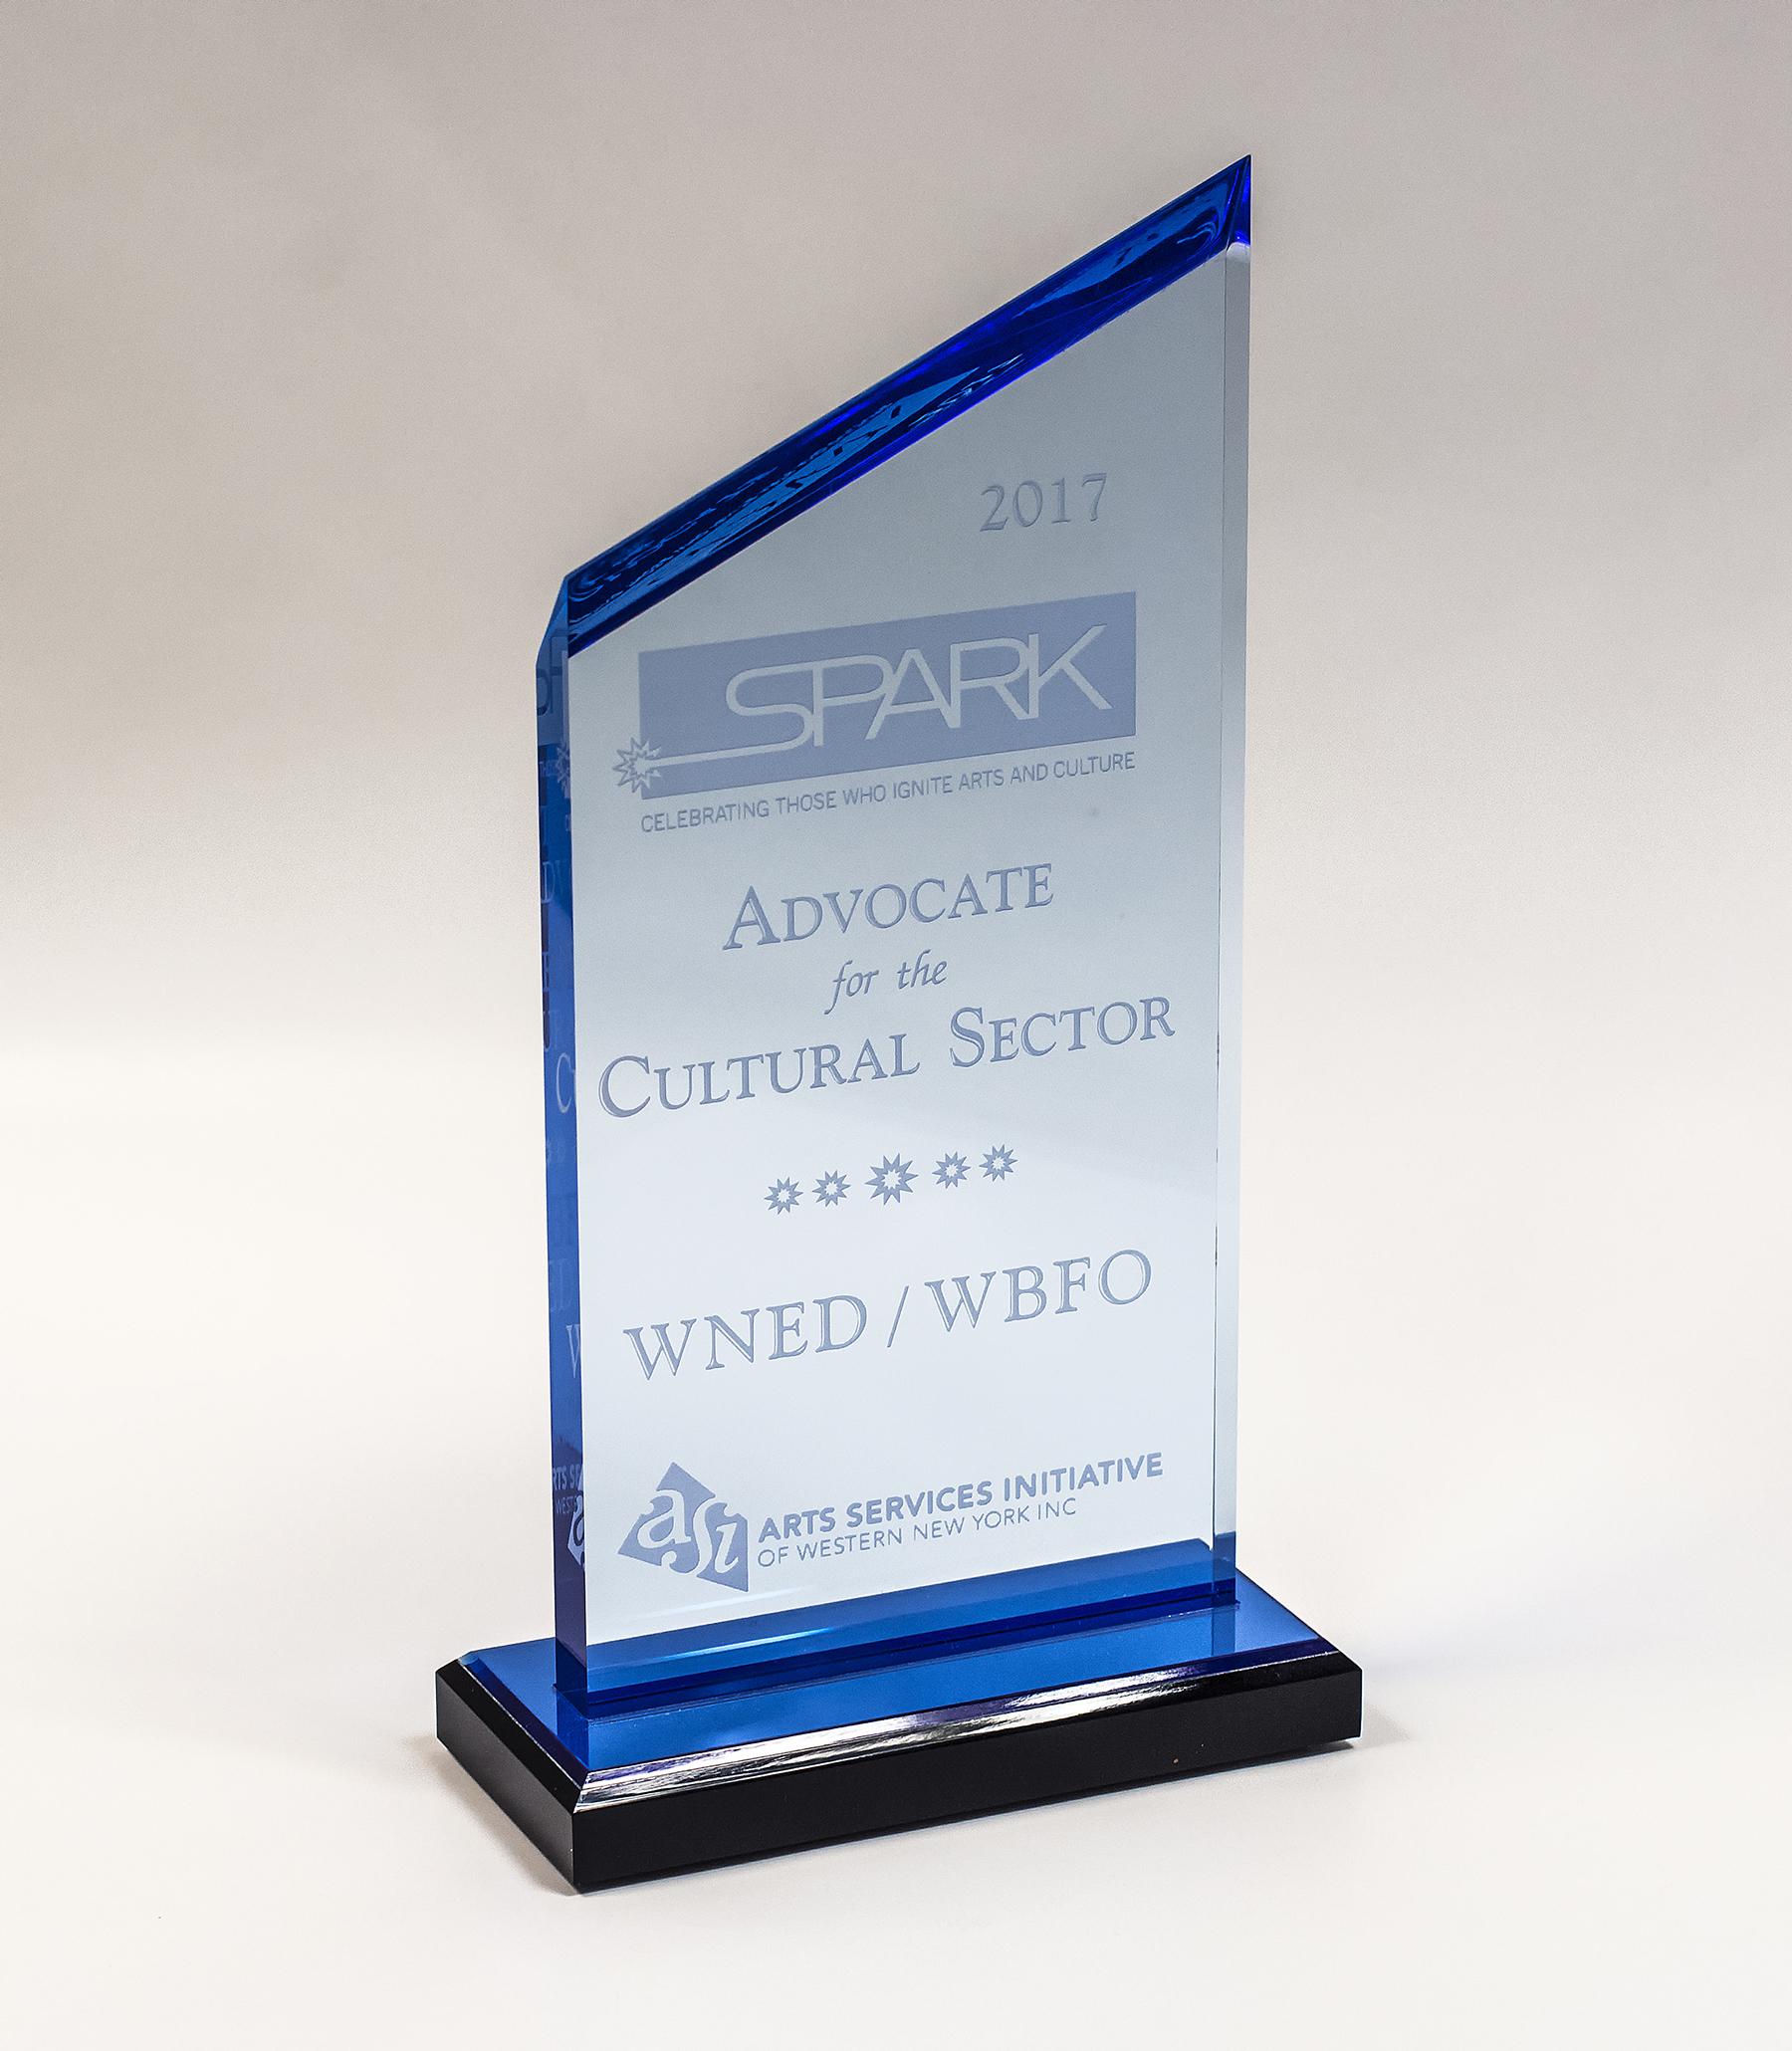 Spark award